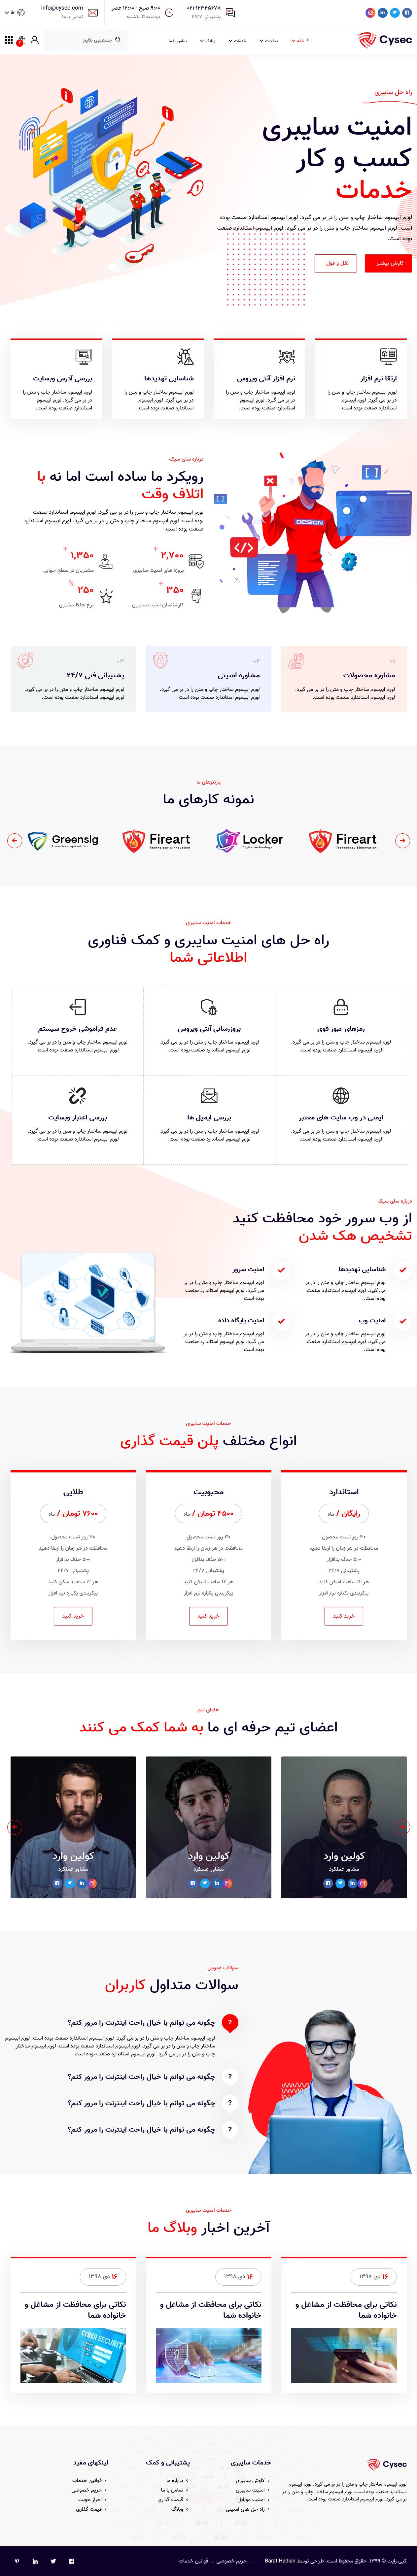 پوسته HTML شرکتی امنیت اطلاعات سایبری سای سیک